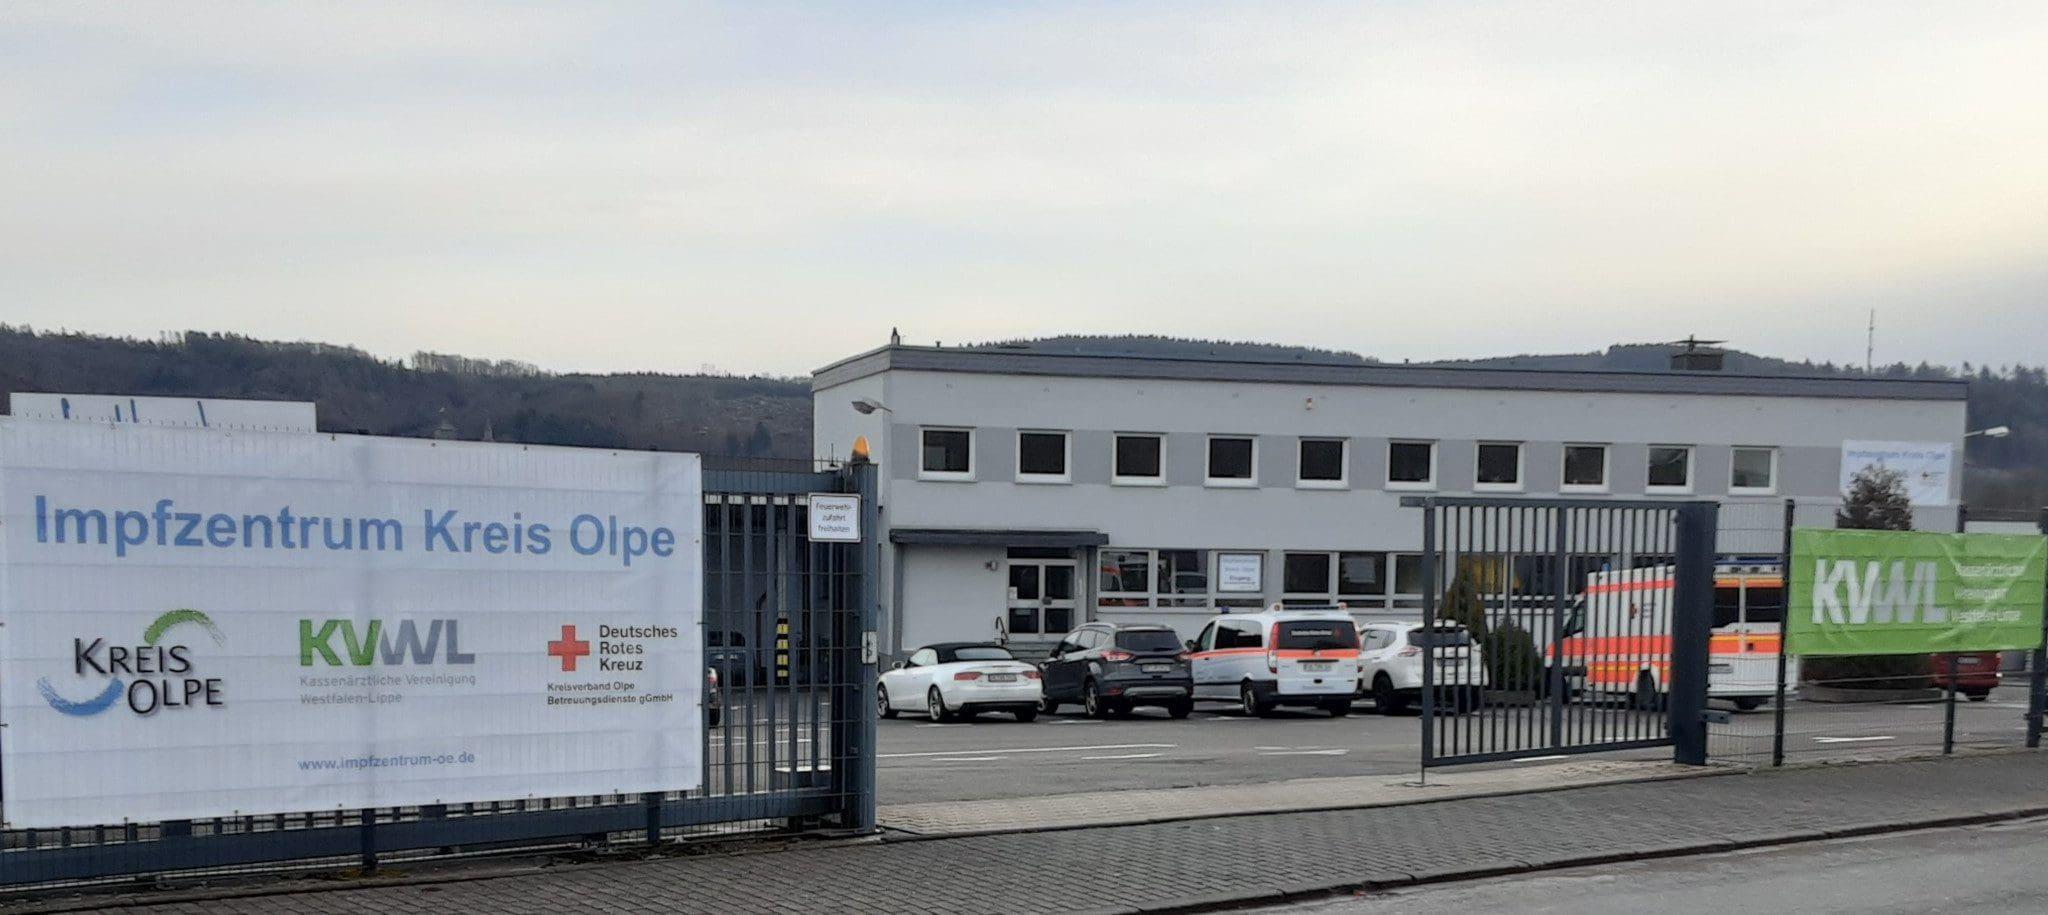 Impfzentrum des Kreises Olpe in Attendorn